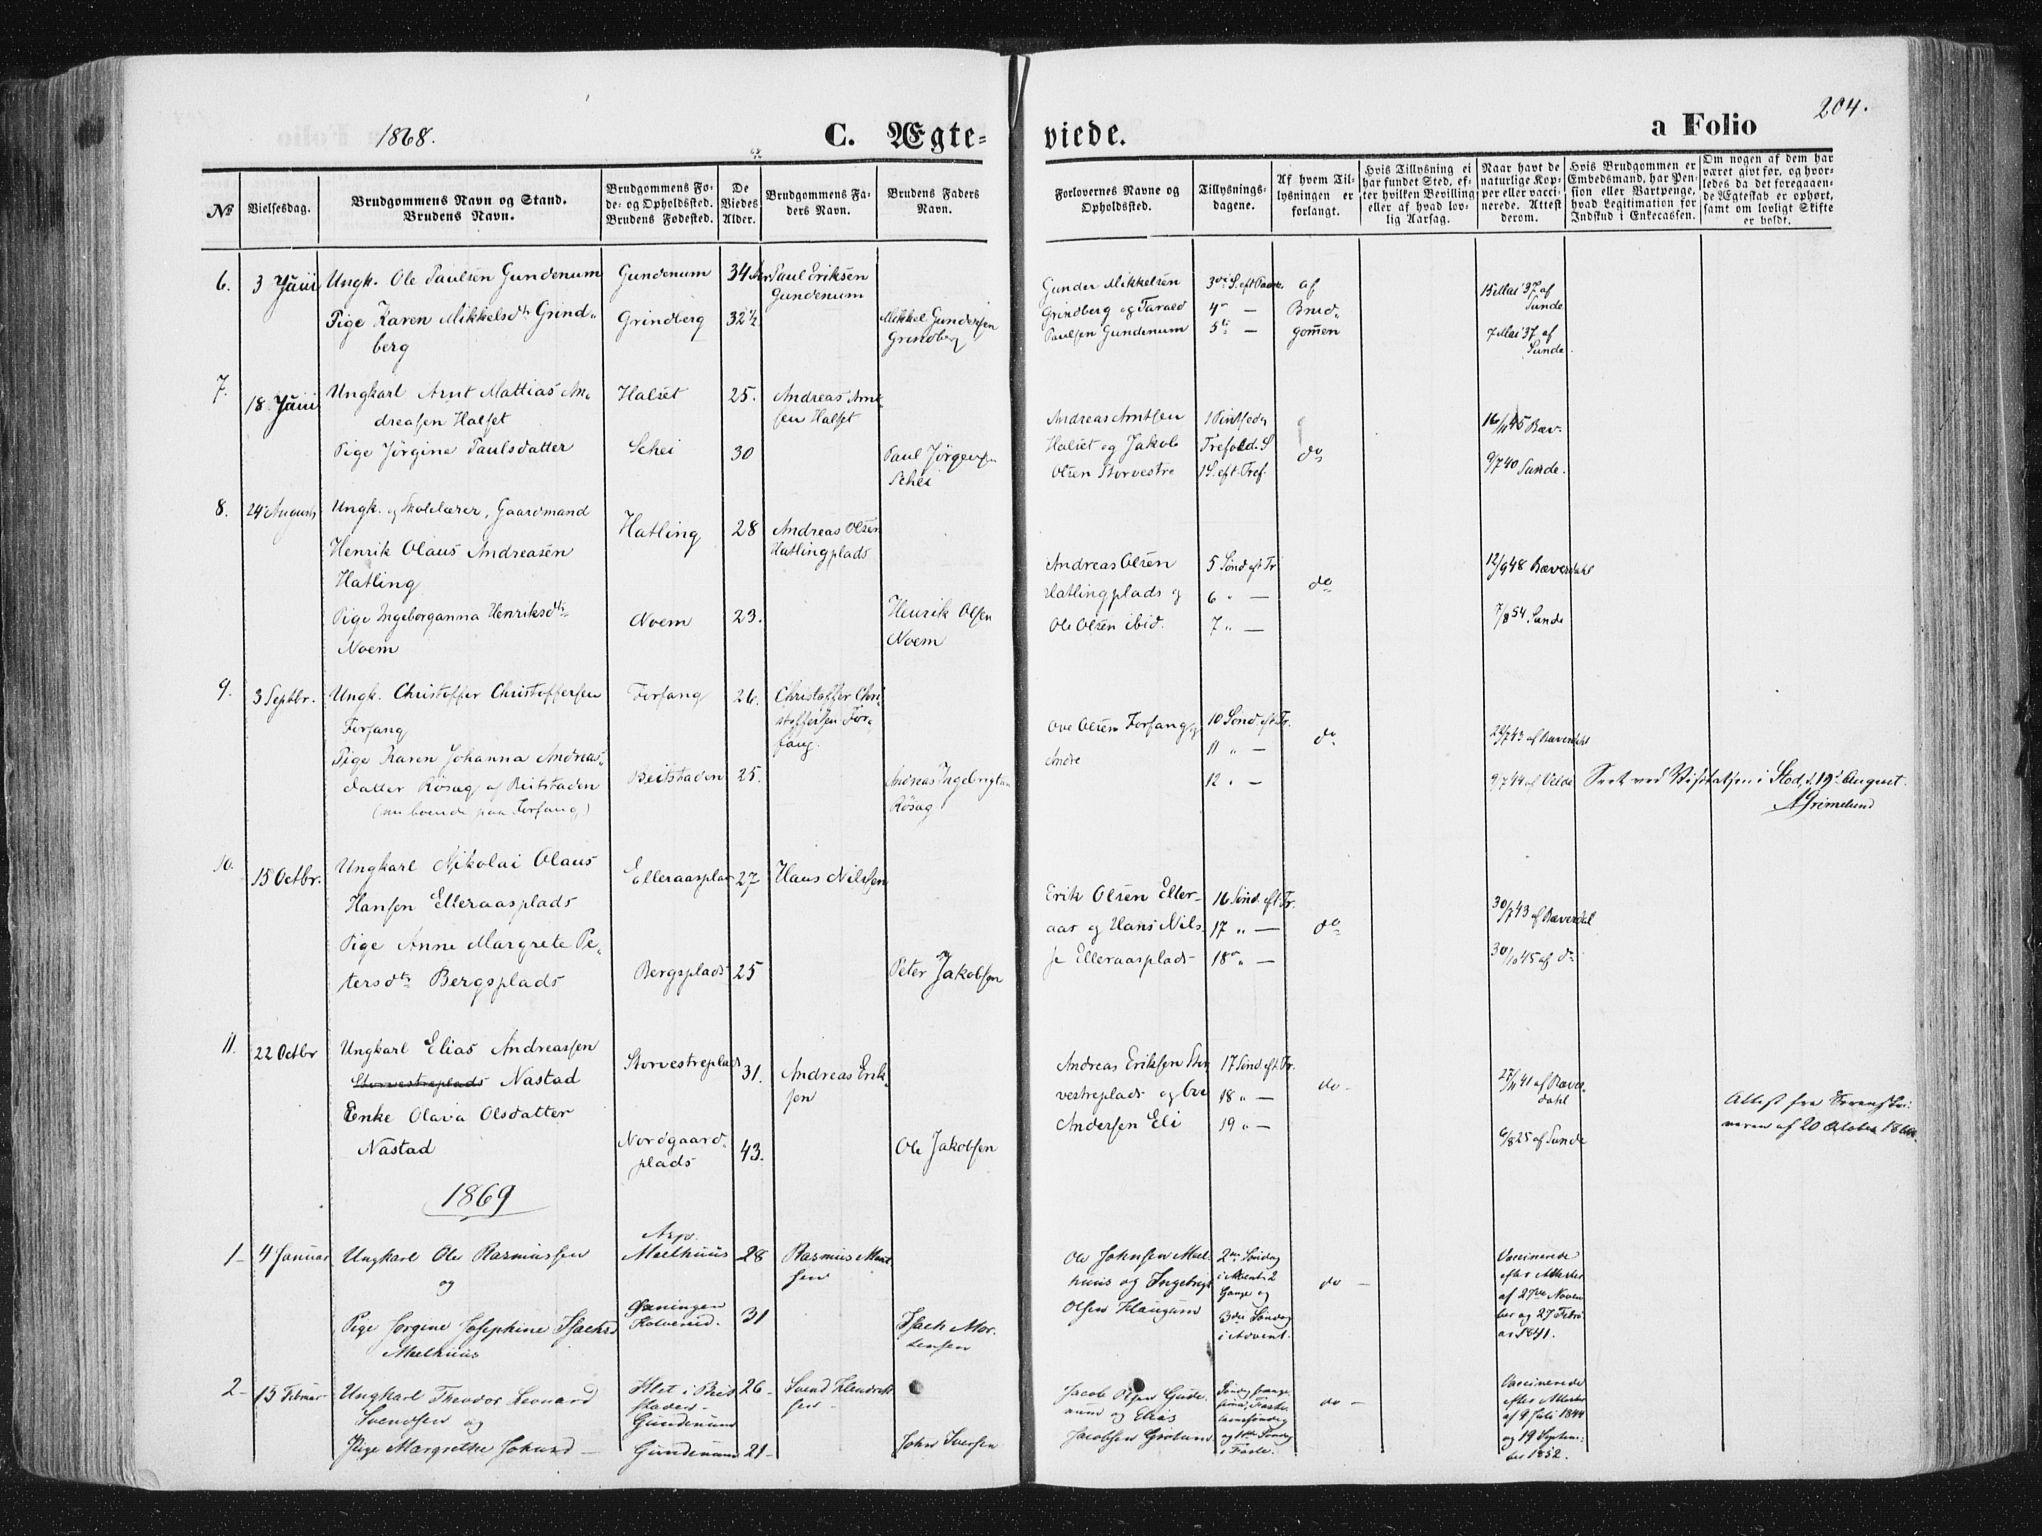 SAT, Ministerialprotokoller, klokkerbøker og fødselsregistre - Nord-Trøndelag, 746/L0447: Ministerialbok nr. 746A06, 1860-1877, s. 204